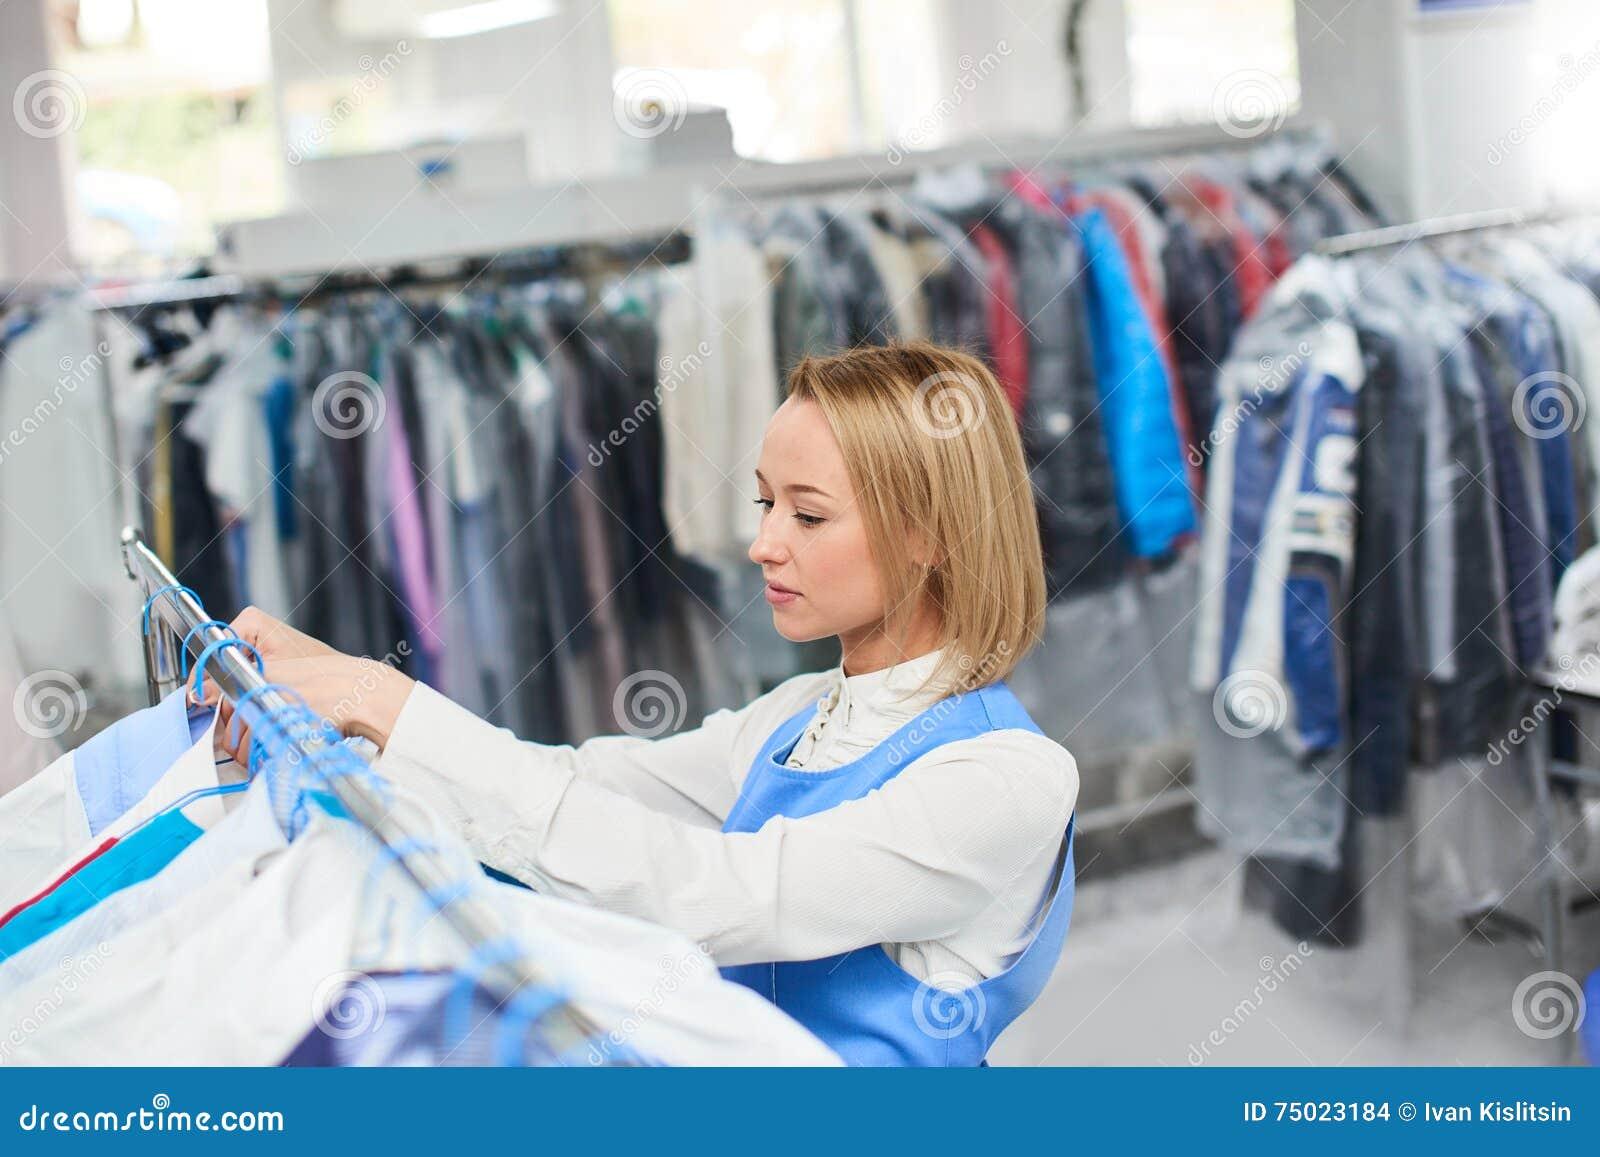 Il lavoratore della ragazza appende i vestiti puliti della lavanderia su un gancio